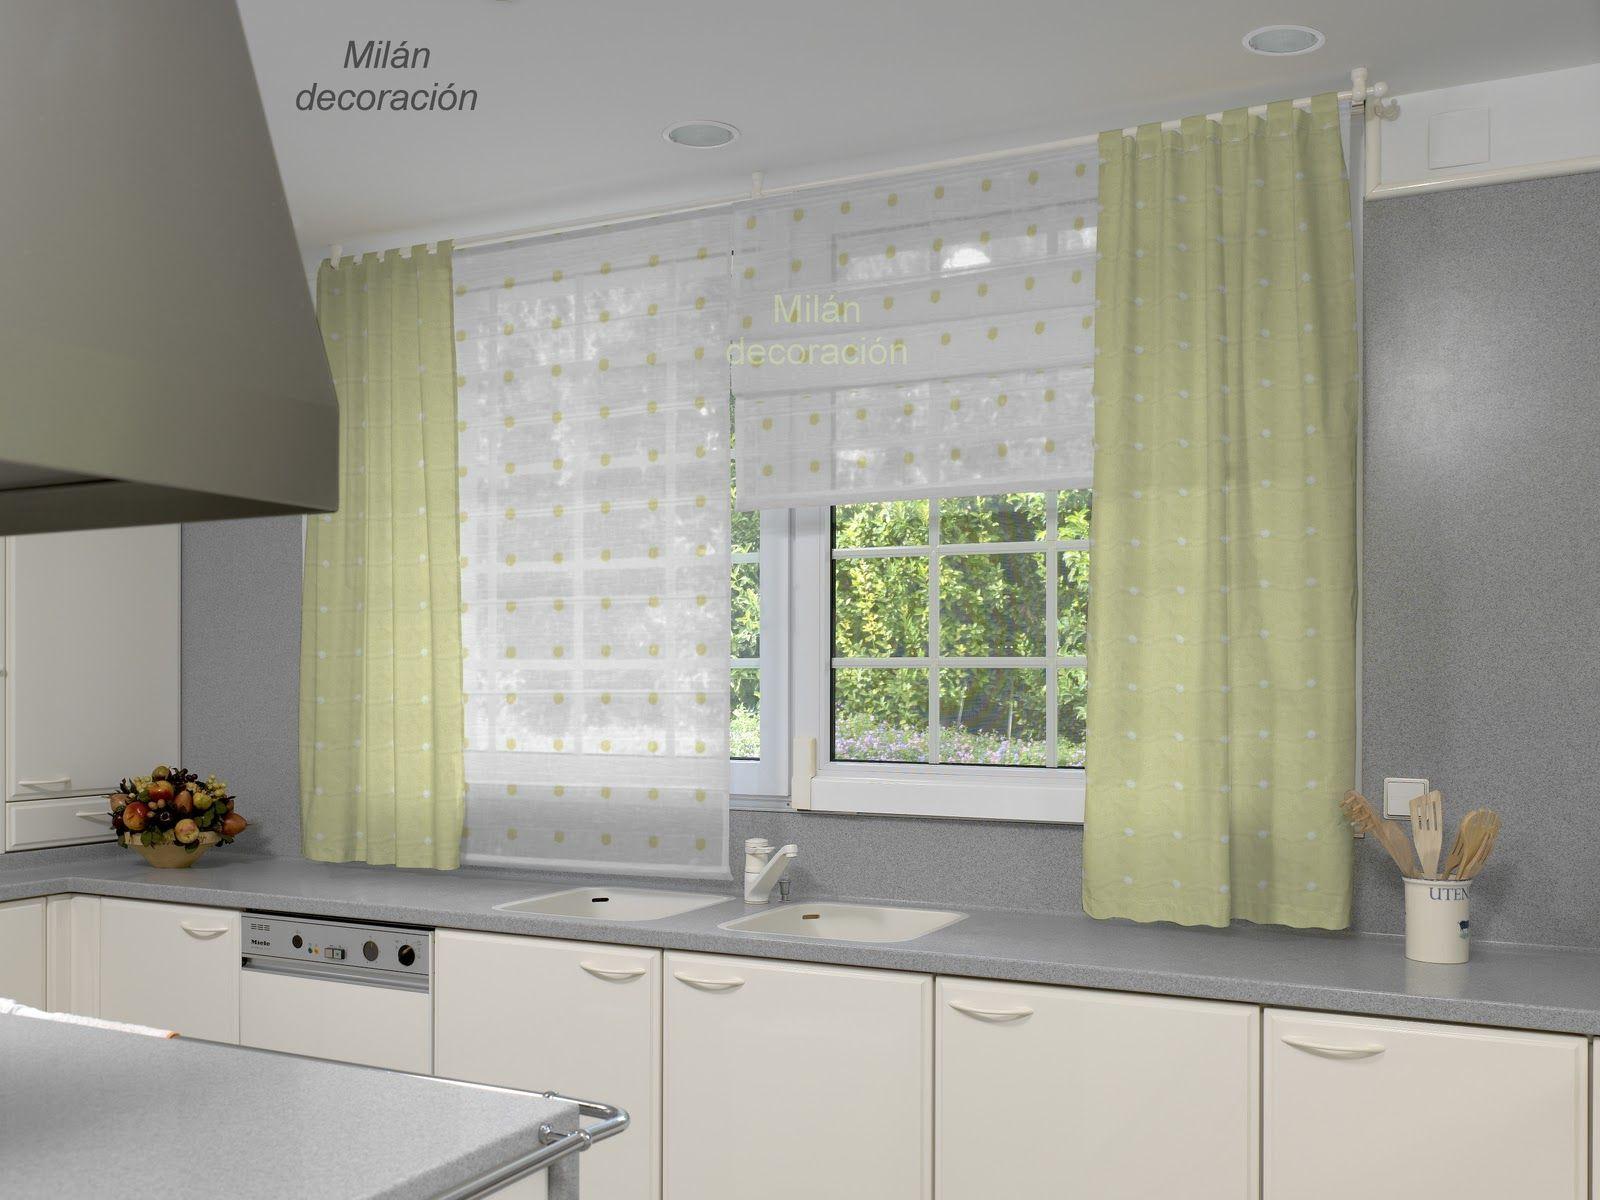 El blog de milan decoraci n cocinas ideas para el hogar - Que cortinas poner en la cocina ...